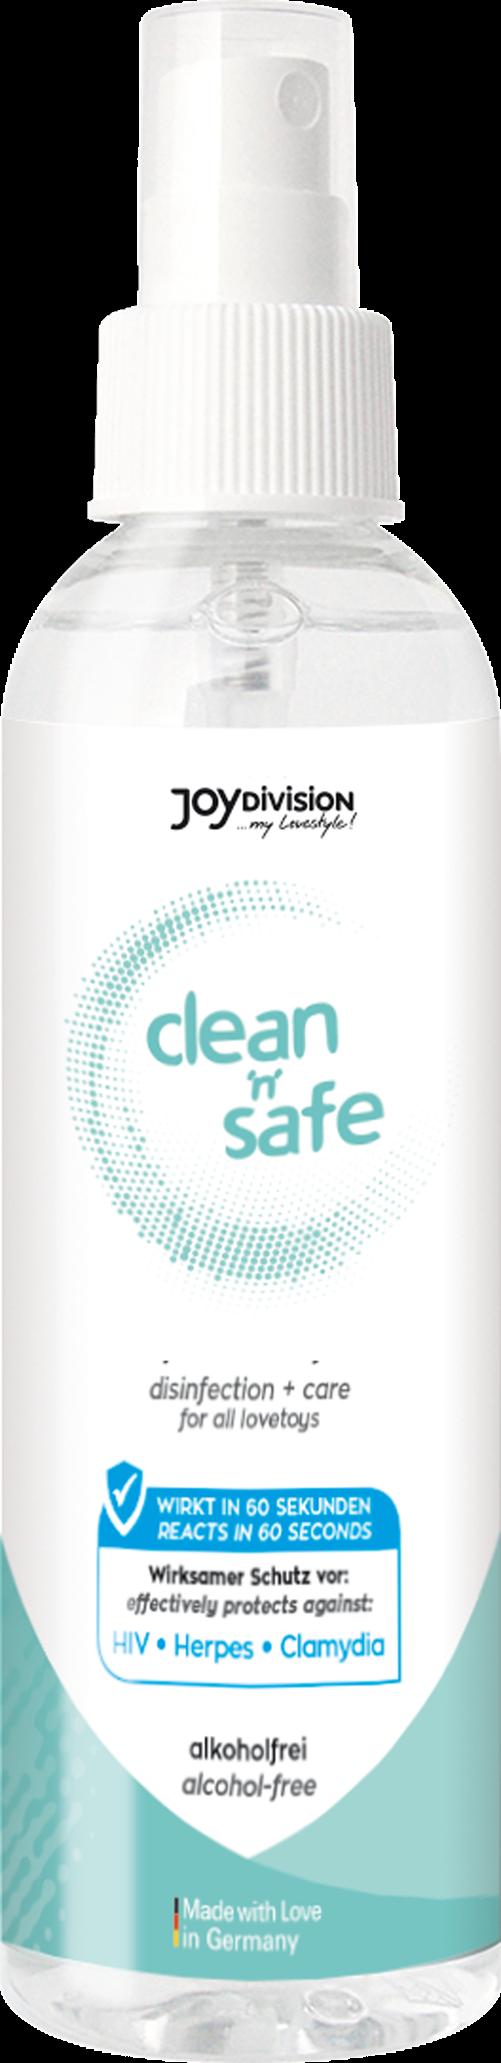 clean'n'safe, 100 ml